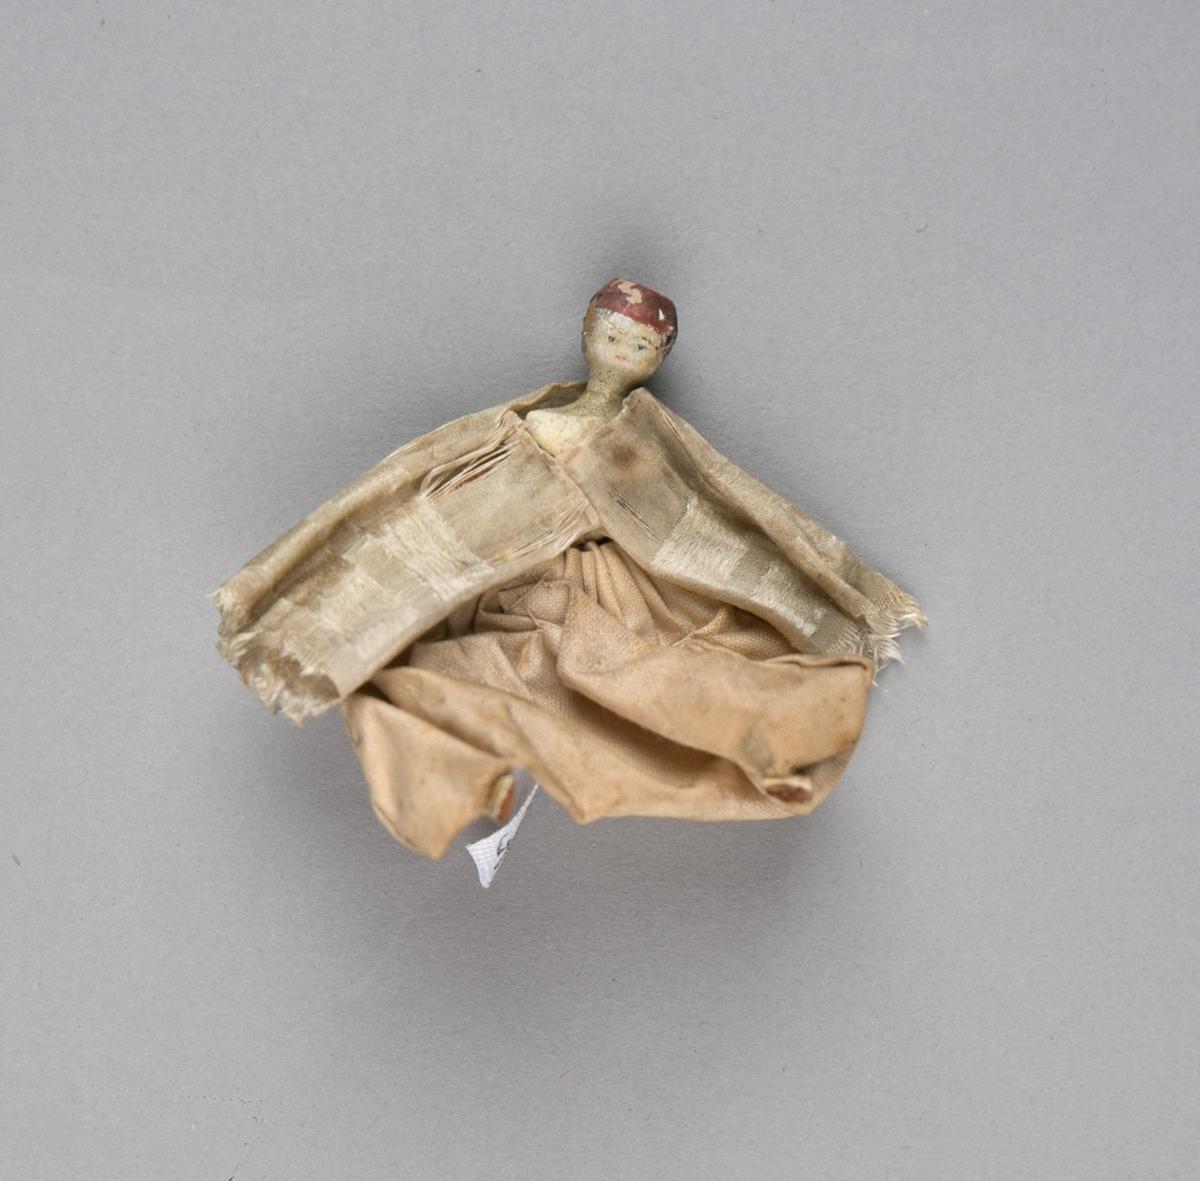 Dokke. Del av lystfartøy fra Østen. Liten figur i tre og silke som skal forestille mannskapet på en rogalei.